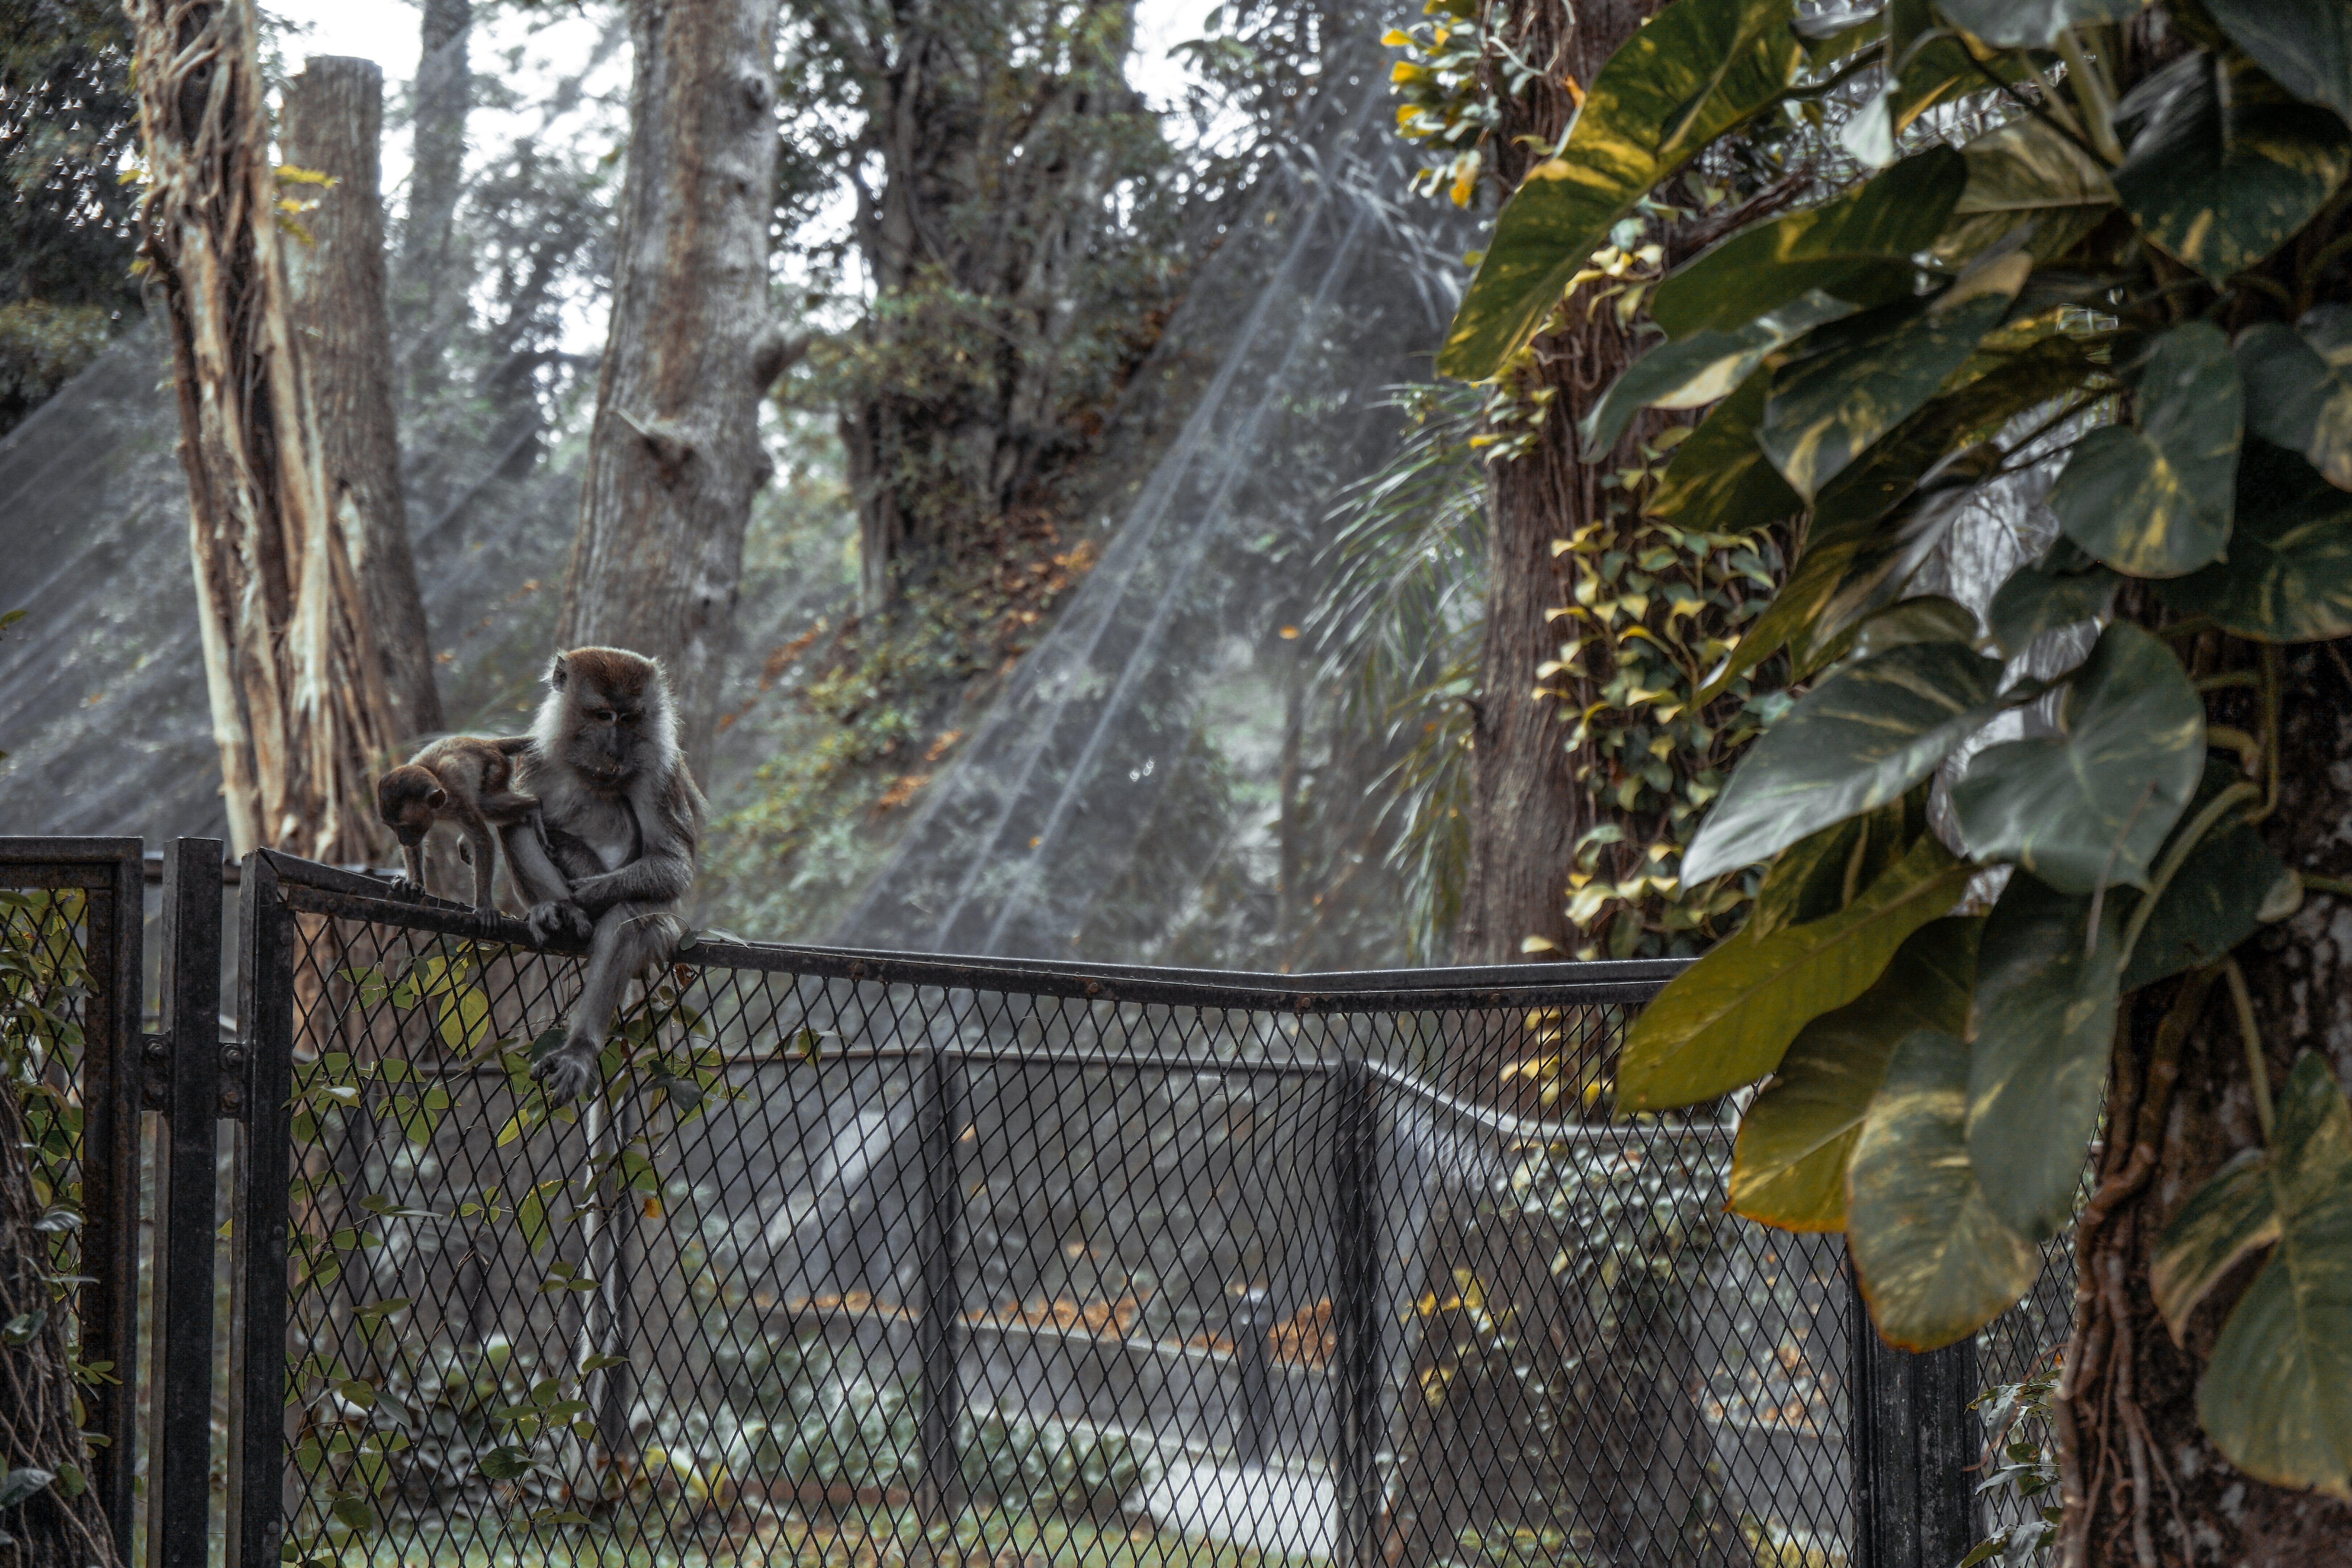 Gray Monkey Sitting on Fence